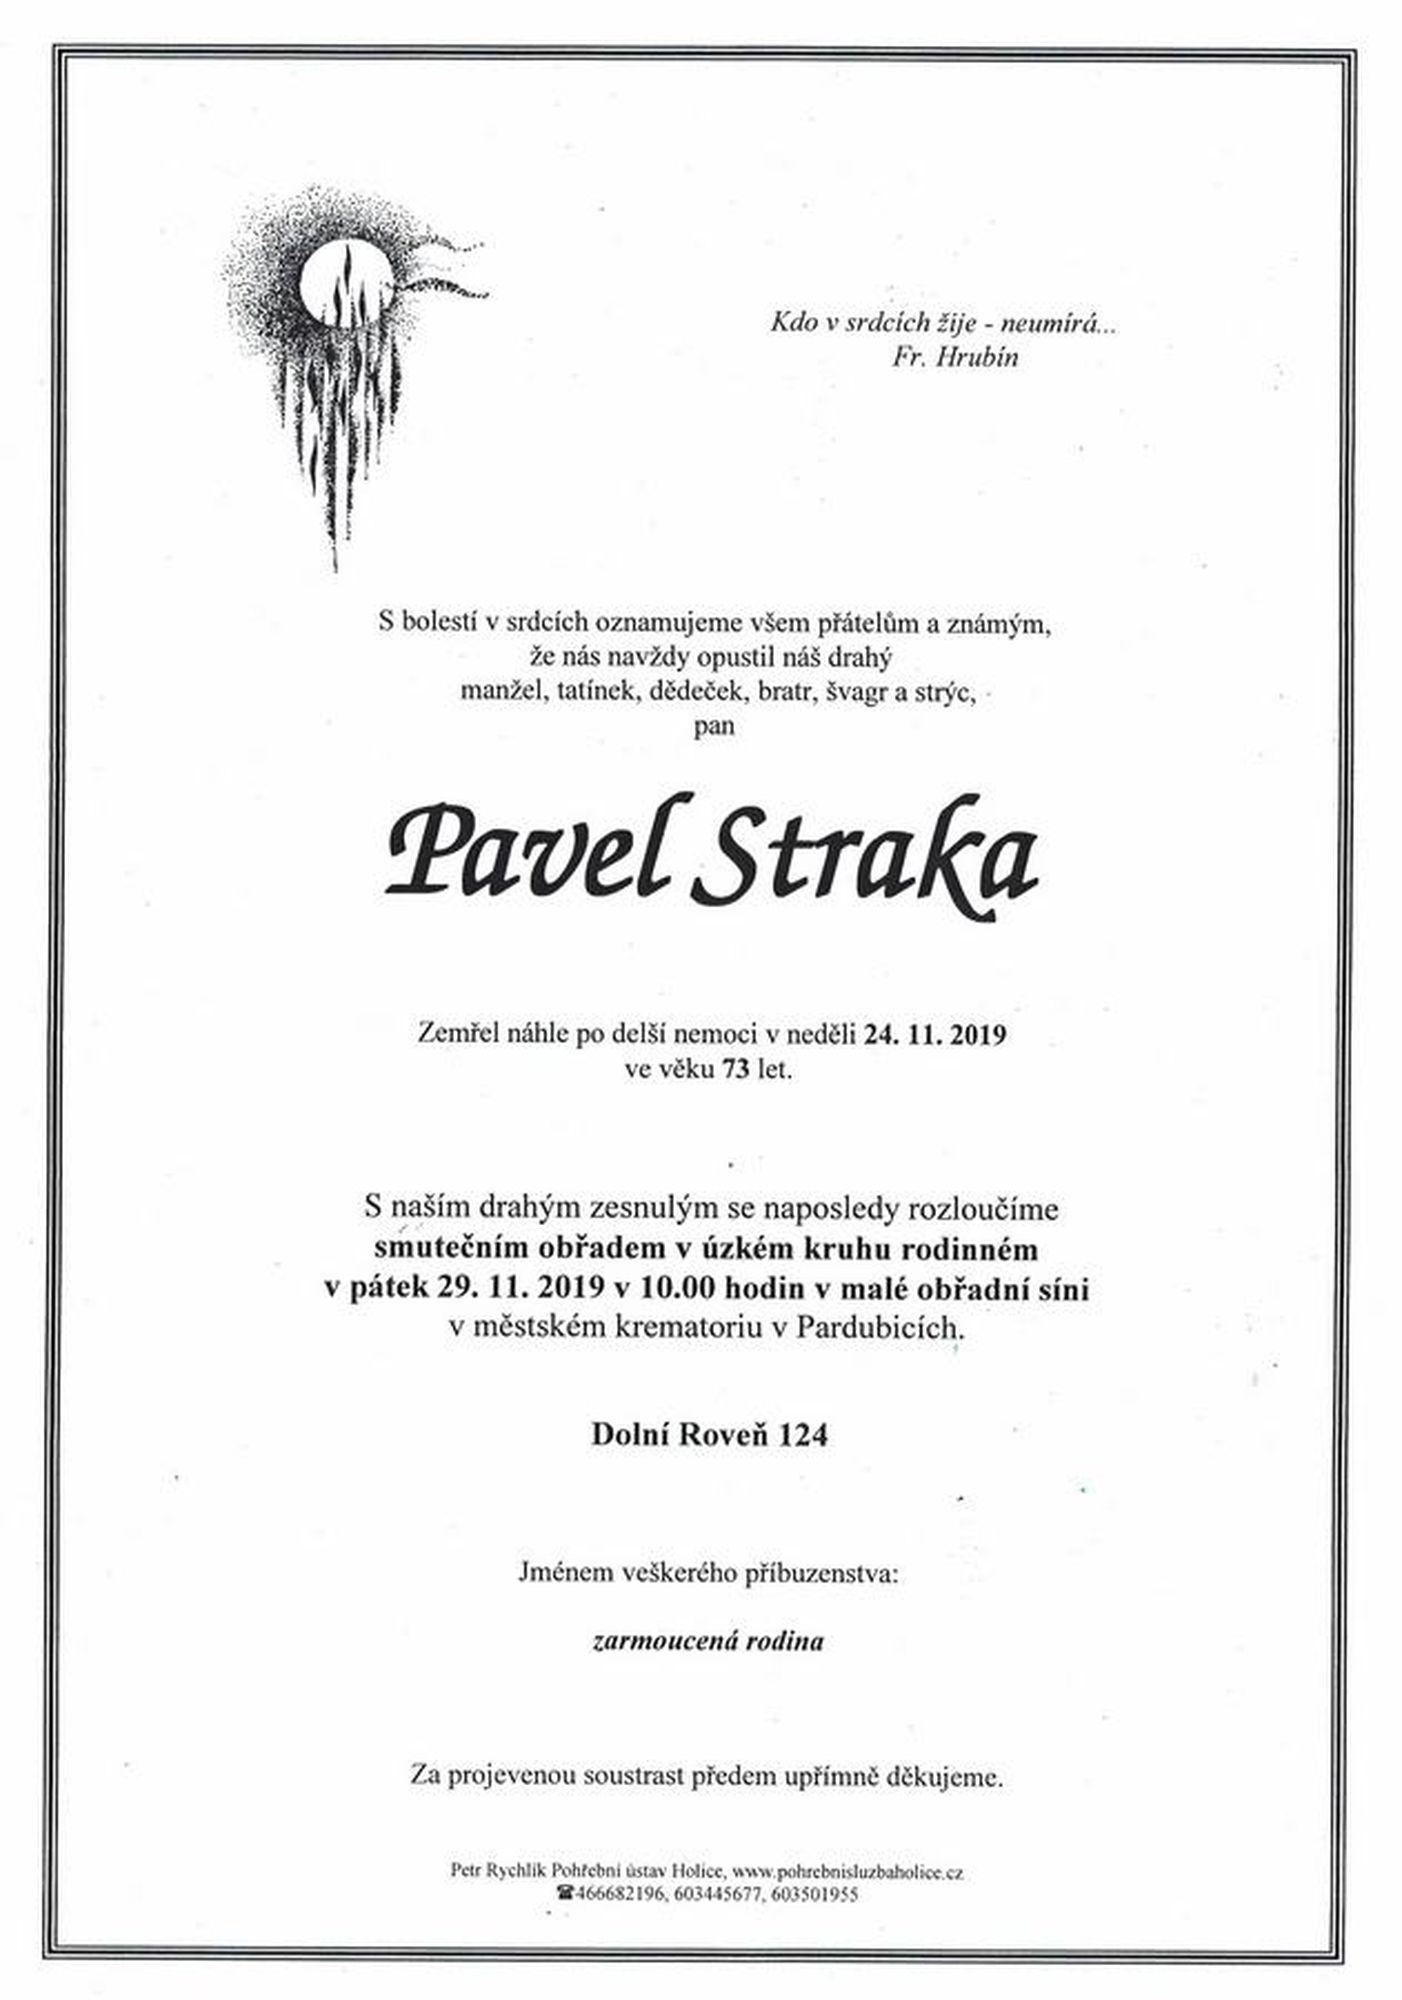 Pavel Straka